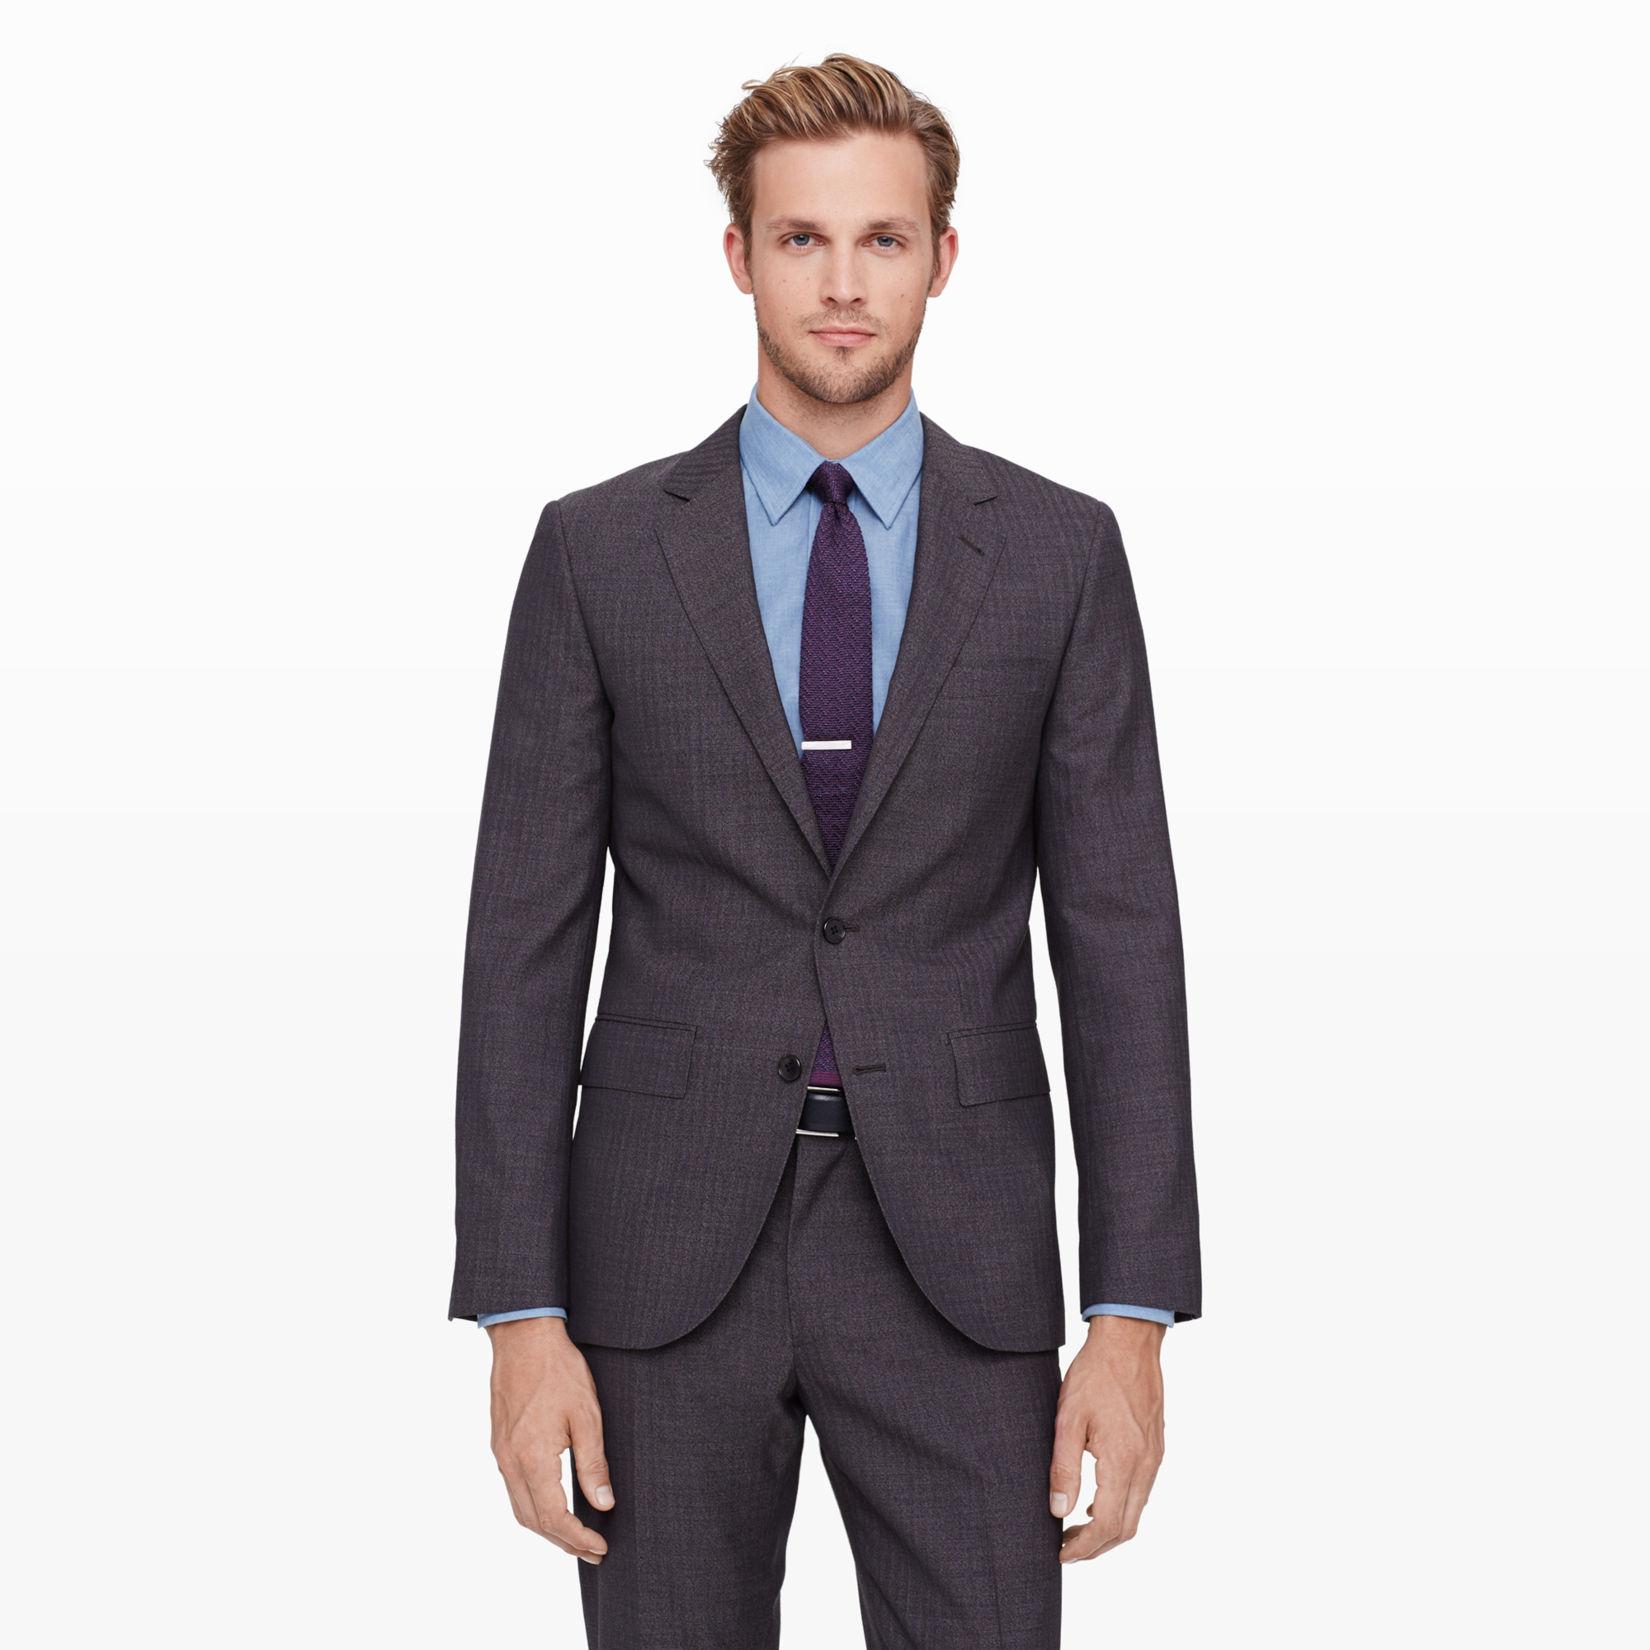 Suit jacket - Suit Jacket 50